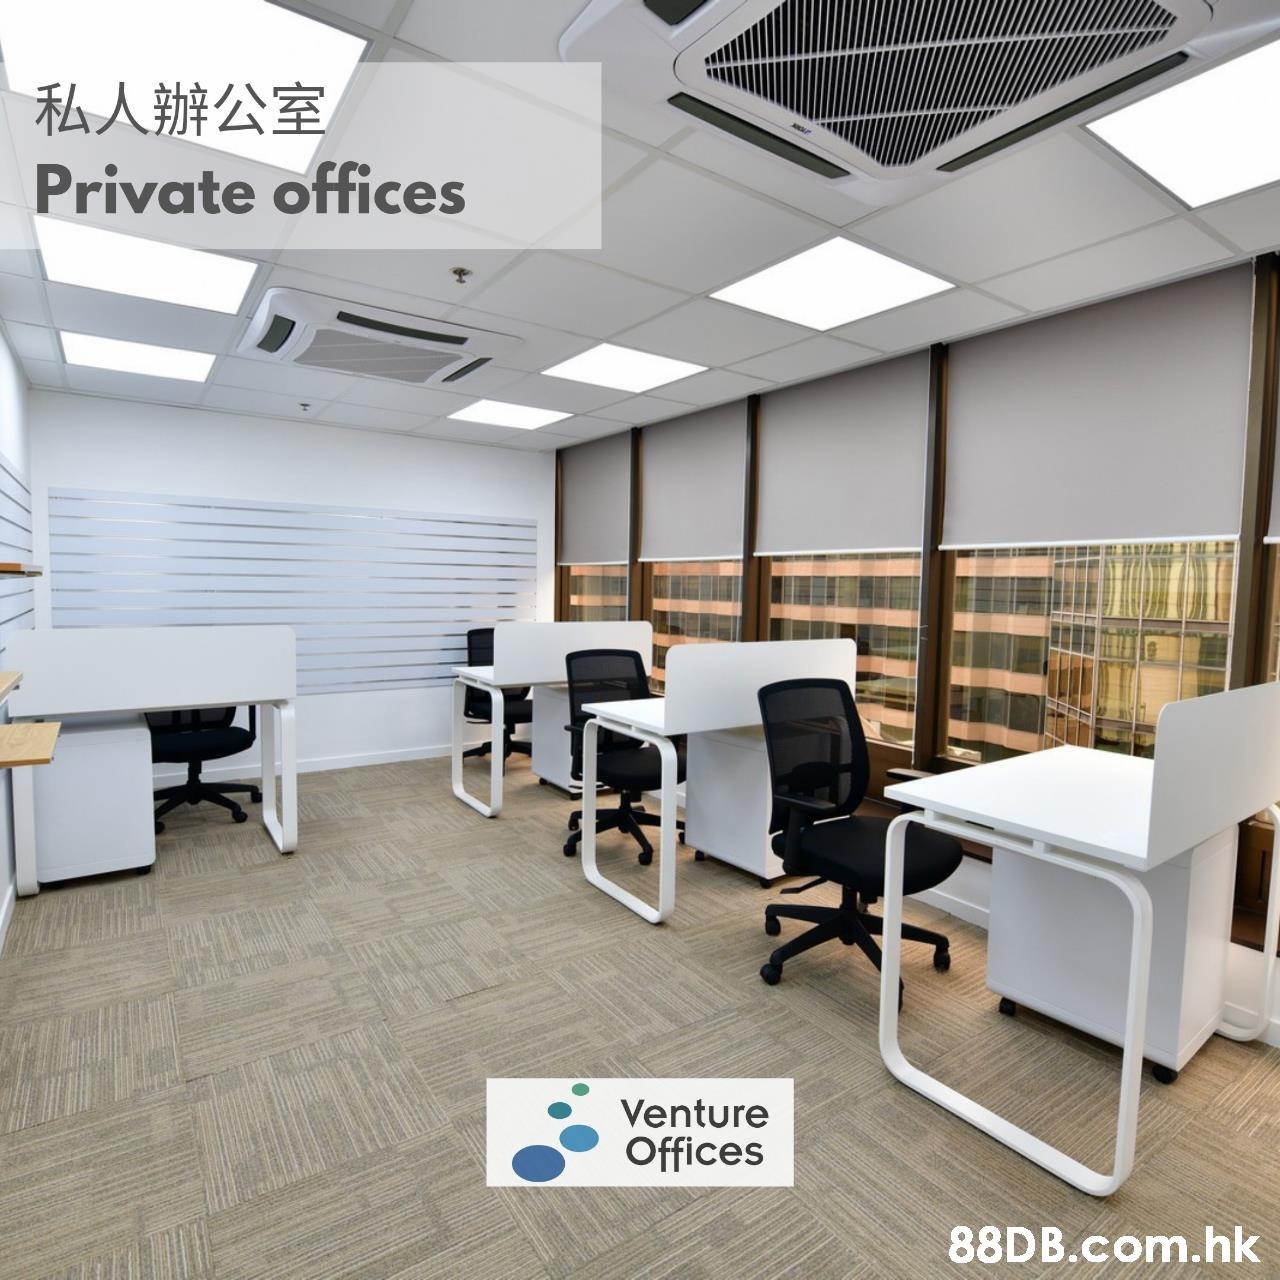 私人辦公室 Private offices Venture Offices .hk  Office,Building,Interior design,Ceiling,Floor